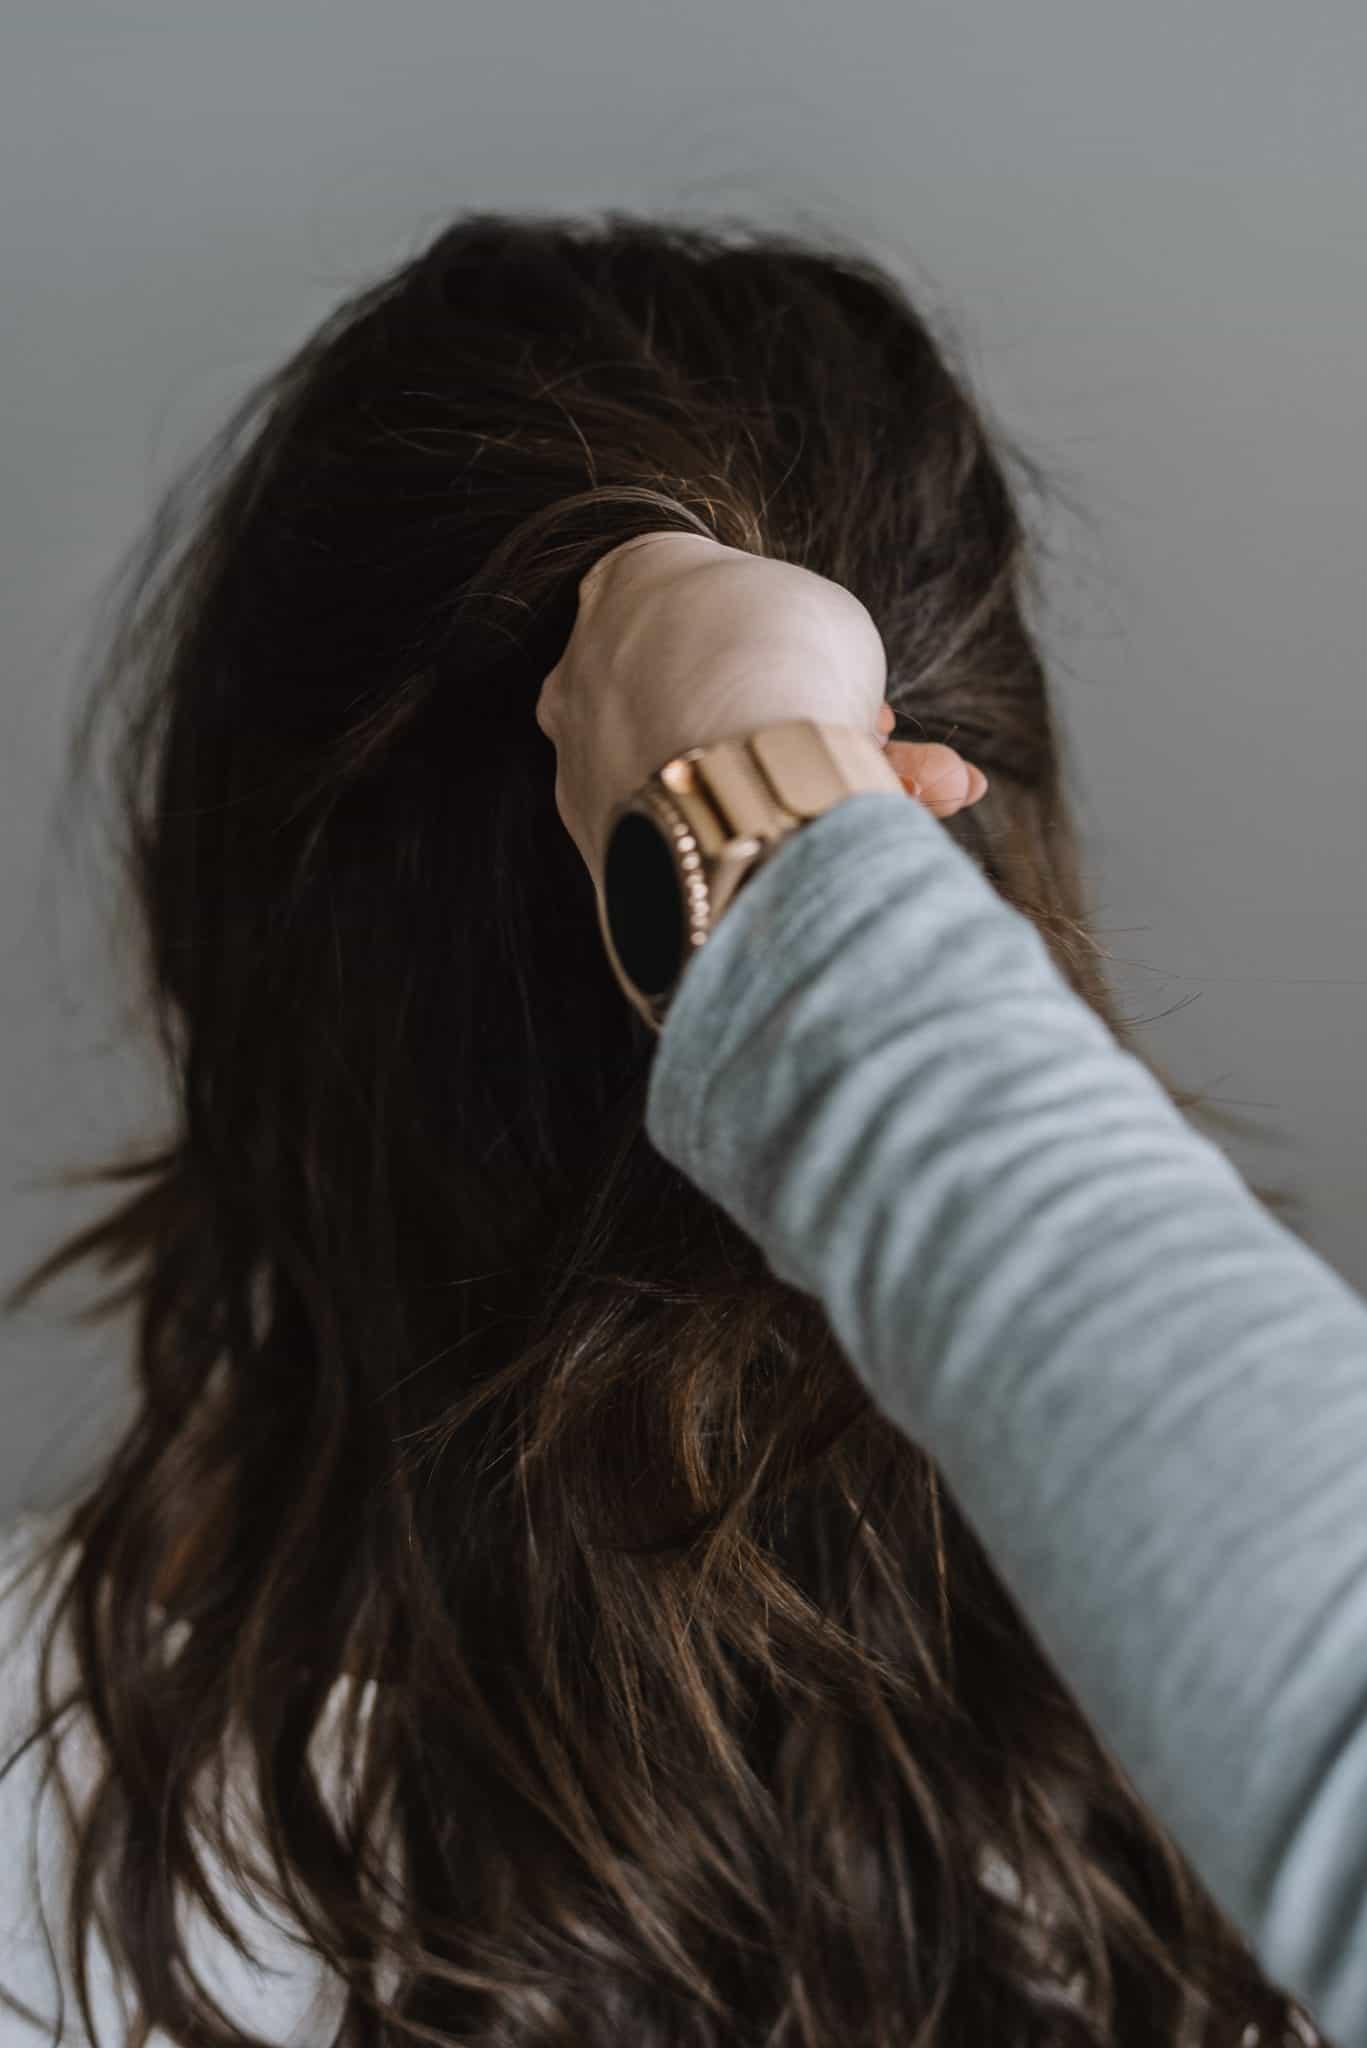 kristin ess hair pin tutorial, how to use a hair pin